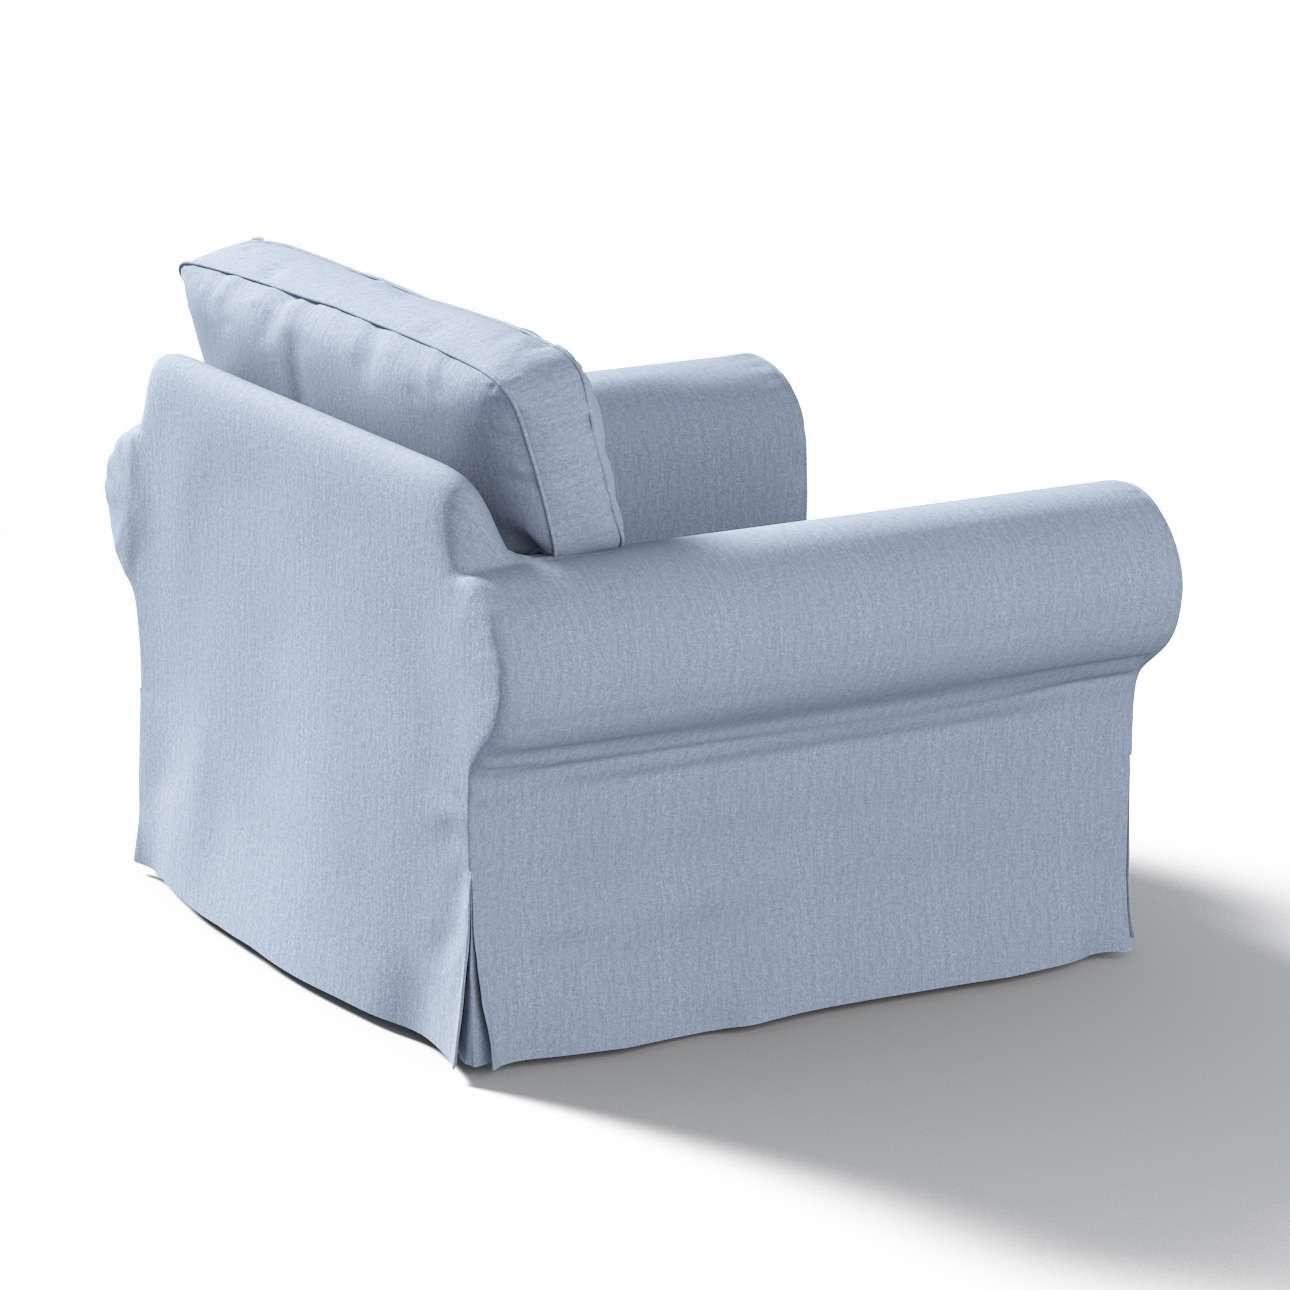 Bezug für Ektorp Sessel von der Kollektion Chenille, Stoff: 702-13